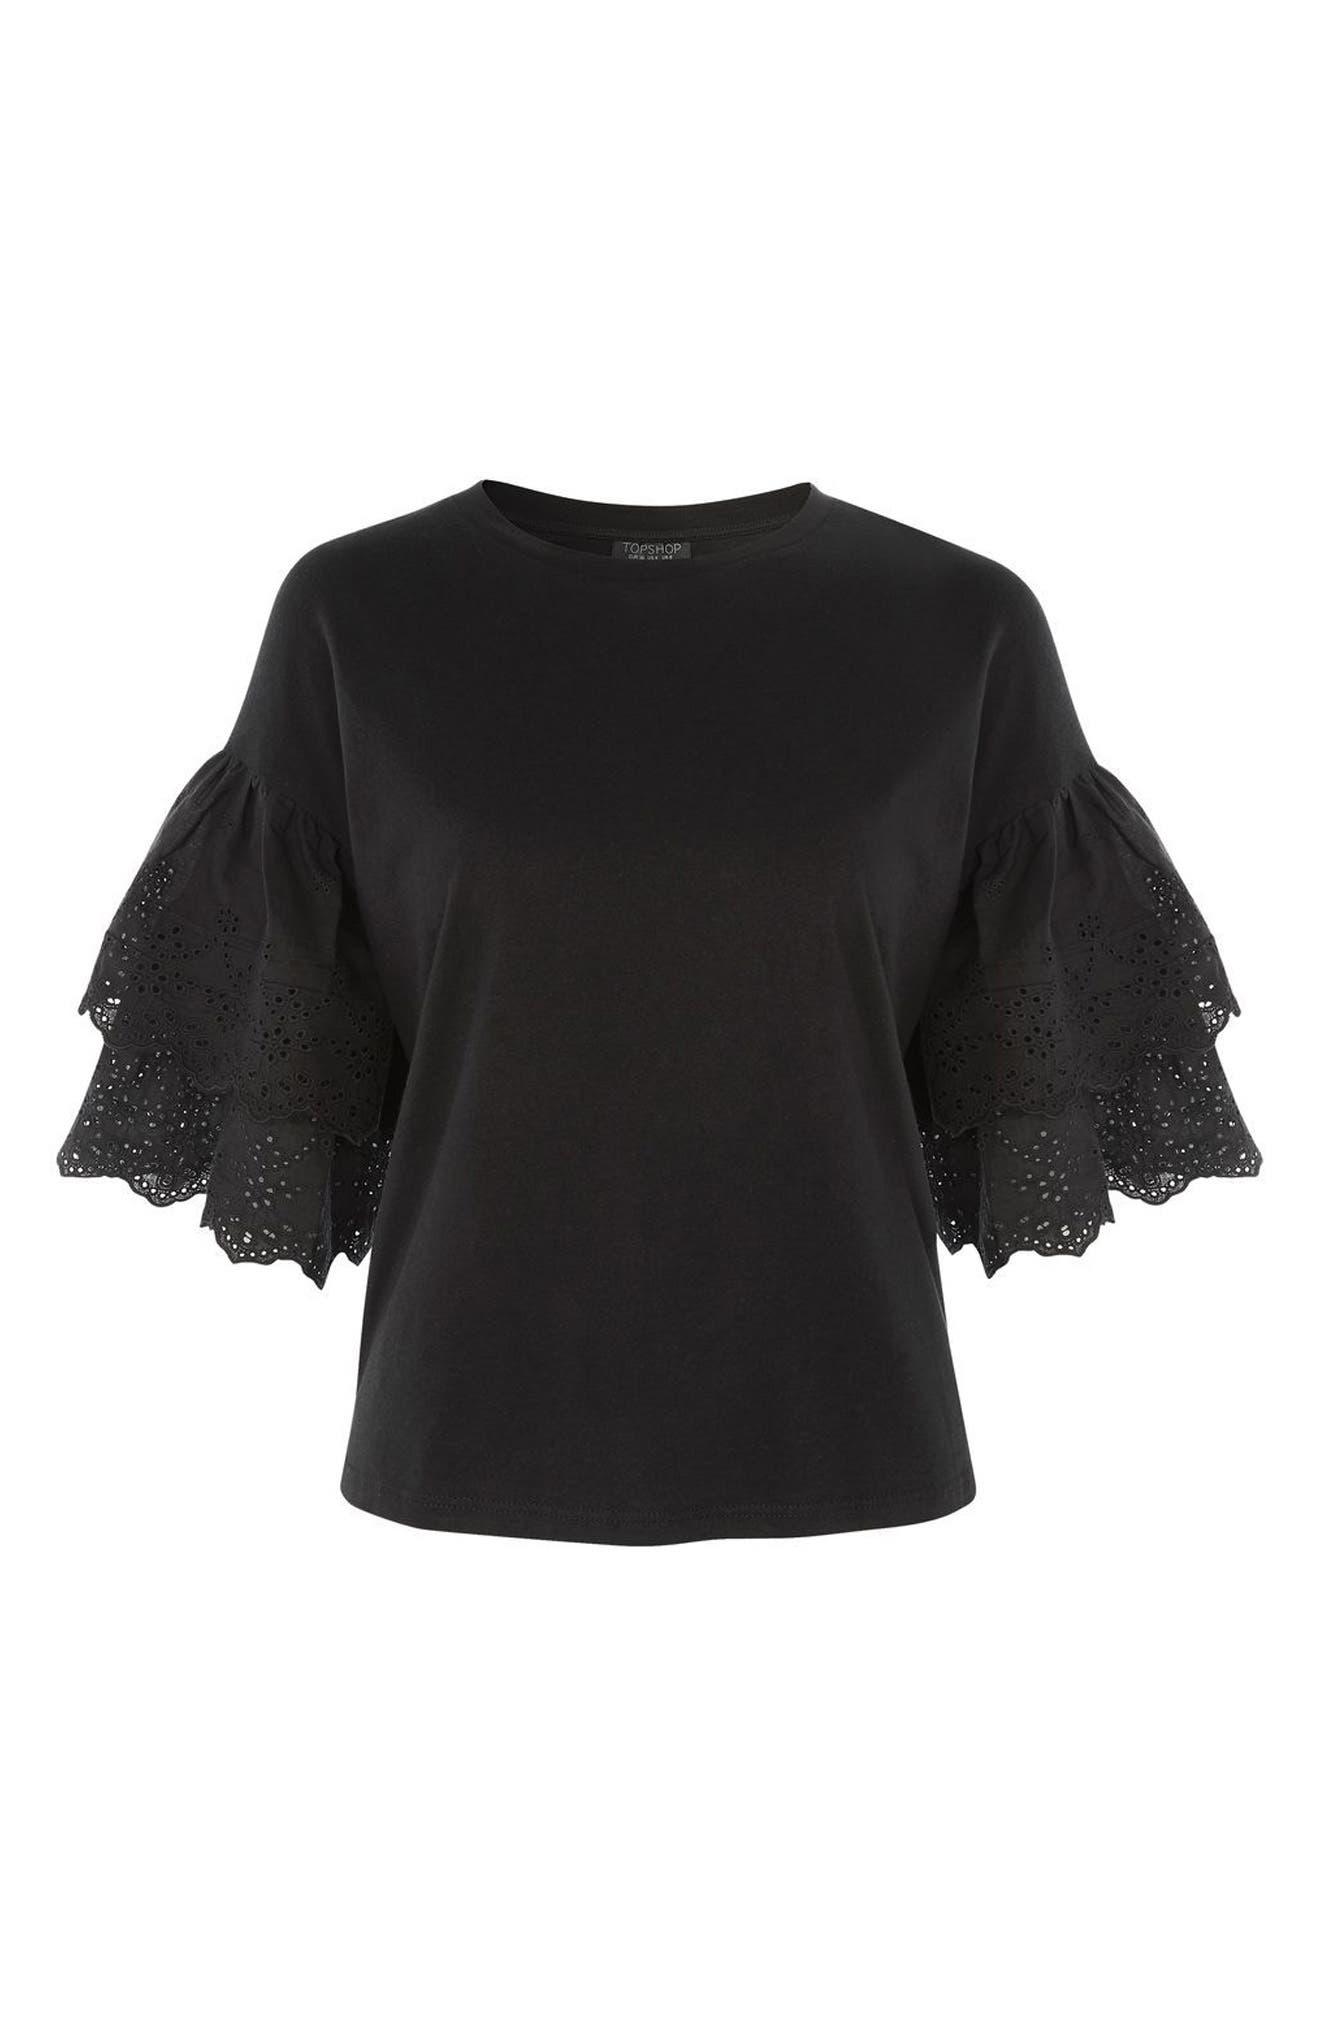 Alternate Image 4  - Topshop Eyelet Layer Sleeve Tee T-Shirt (Regular & Petite)